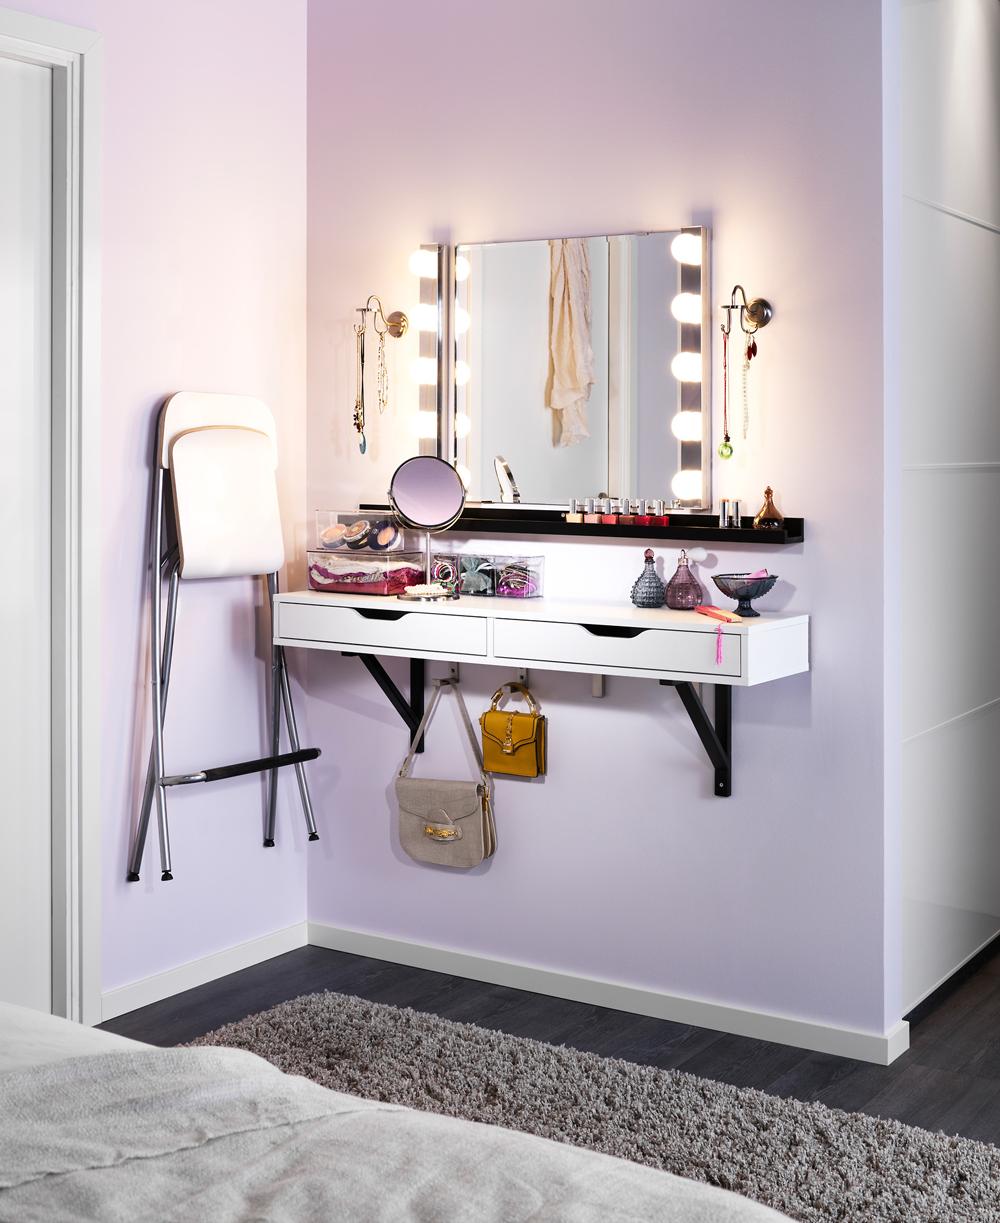 Mobilier Et Decoration Interieur Et Exterieur Etagere Tiroir Deco Chambre Idees De Coiffeuse